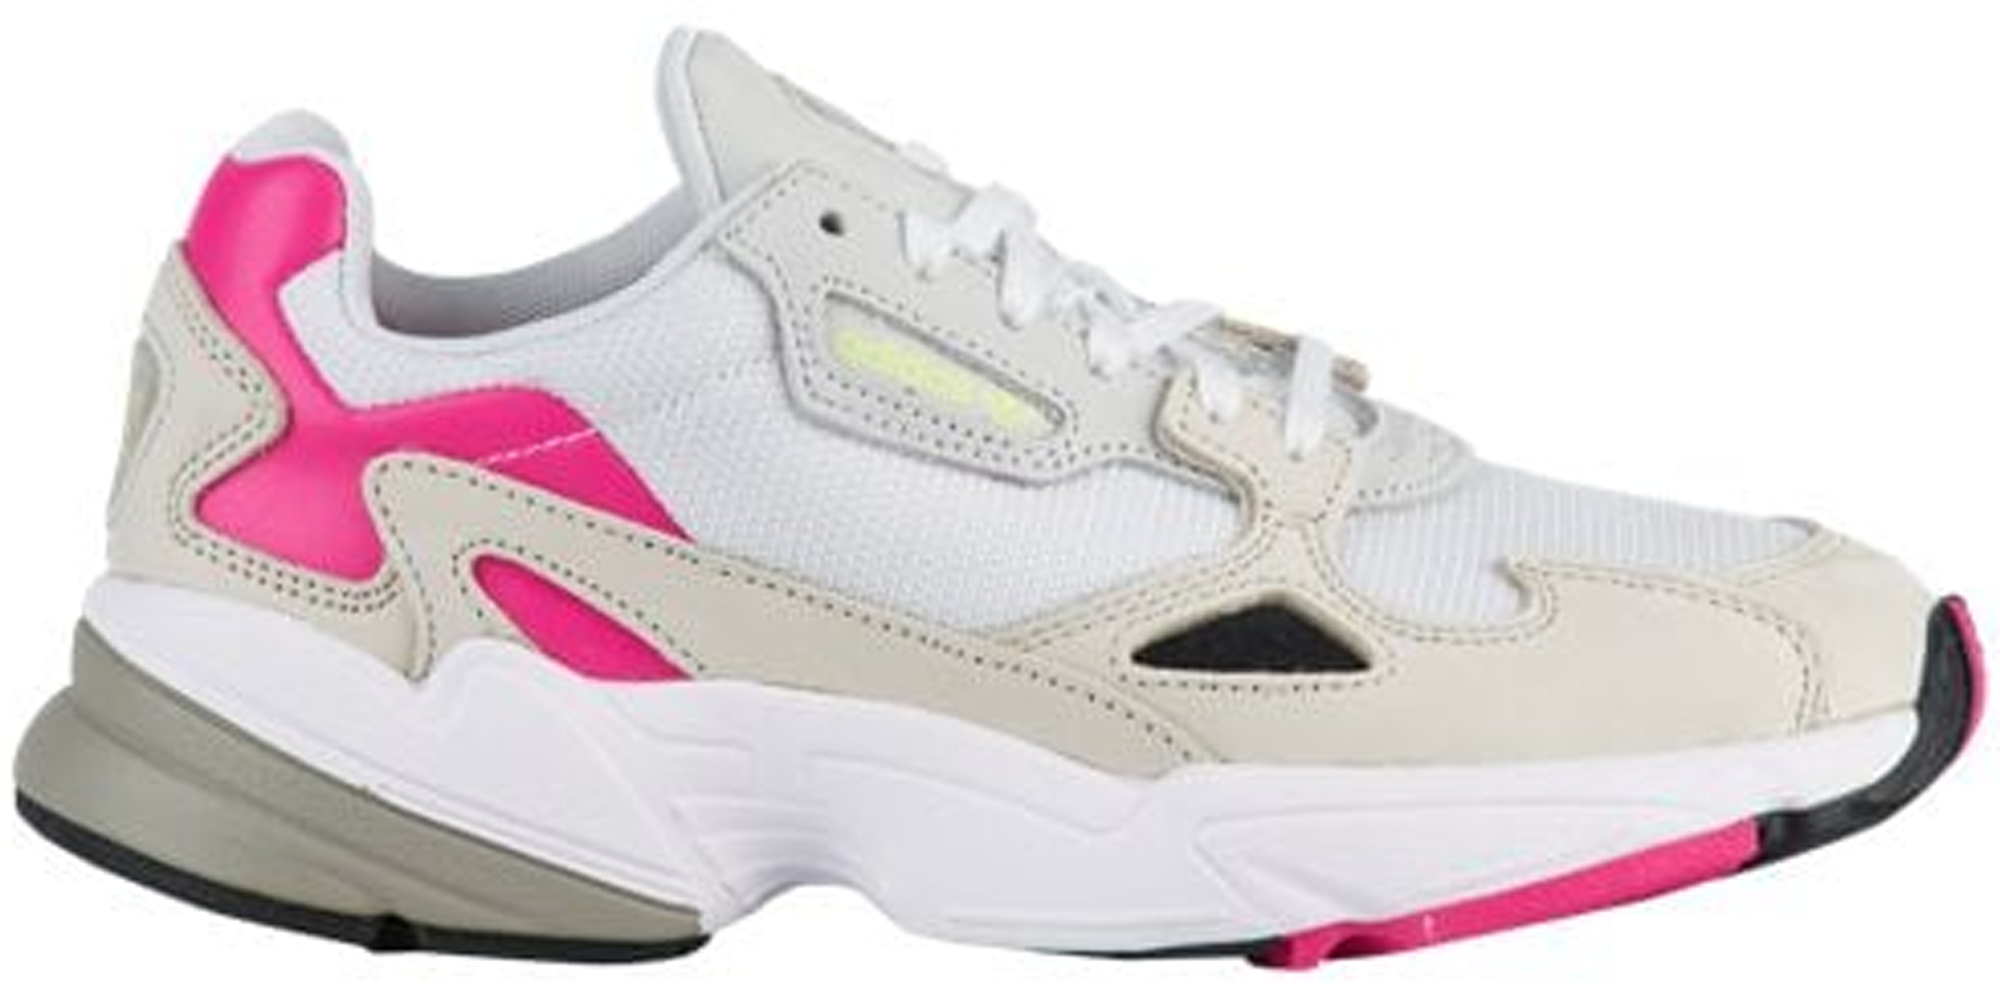 adidas Falcon Grey Pink (W)